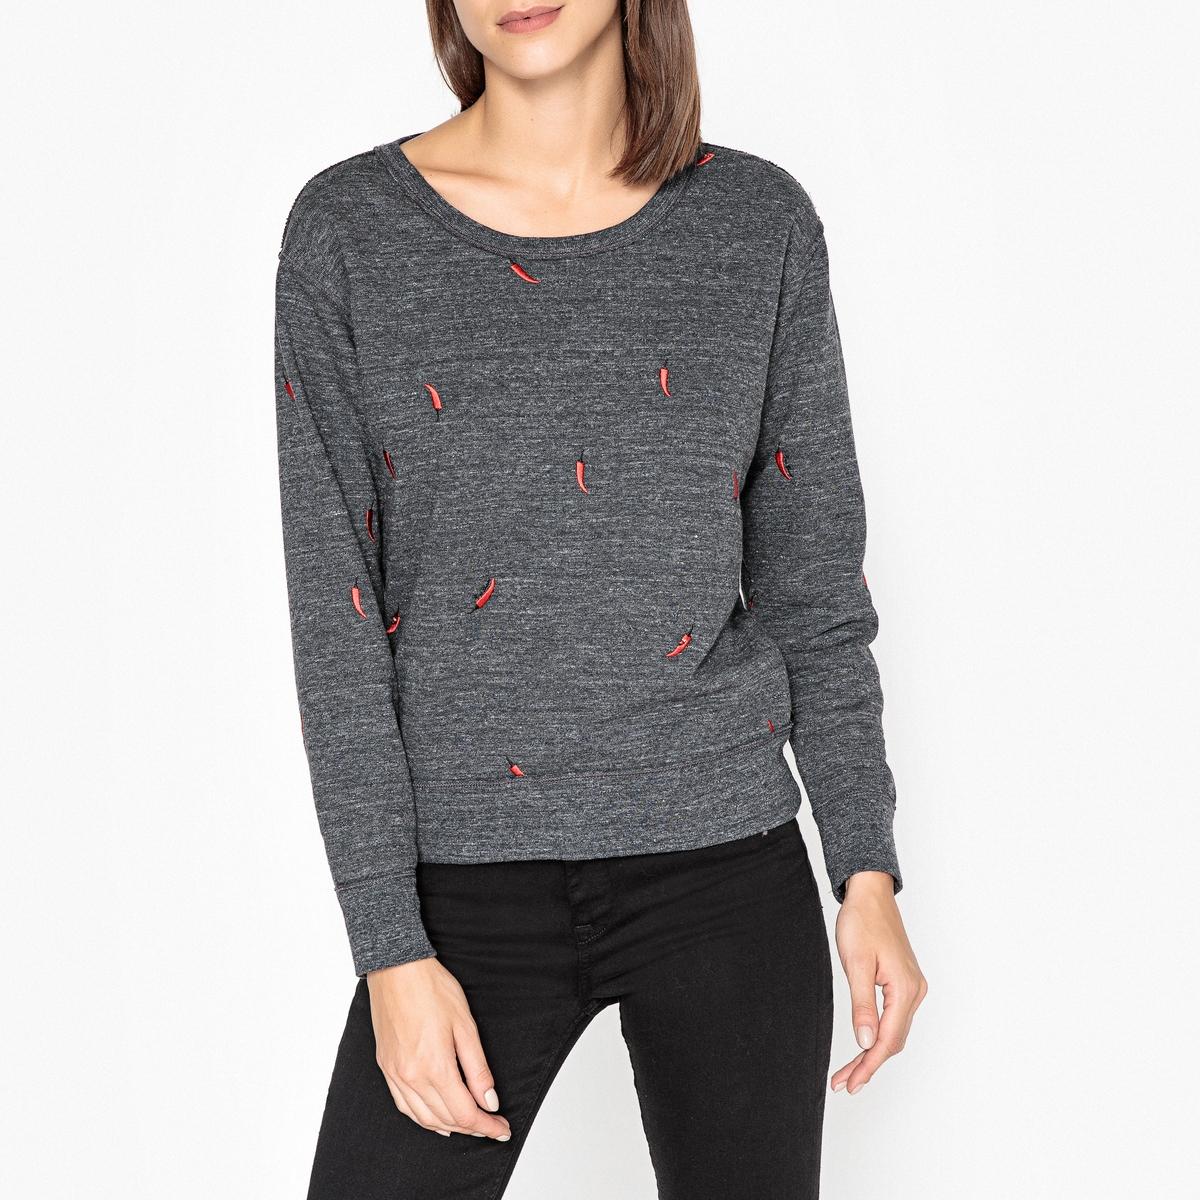 Свитшот La Redoute С круглым вырезом с вышивкой перчики XS серый свитшот la redoute с круглым вырезом и вышивкой s черный